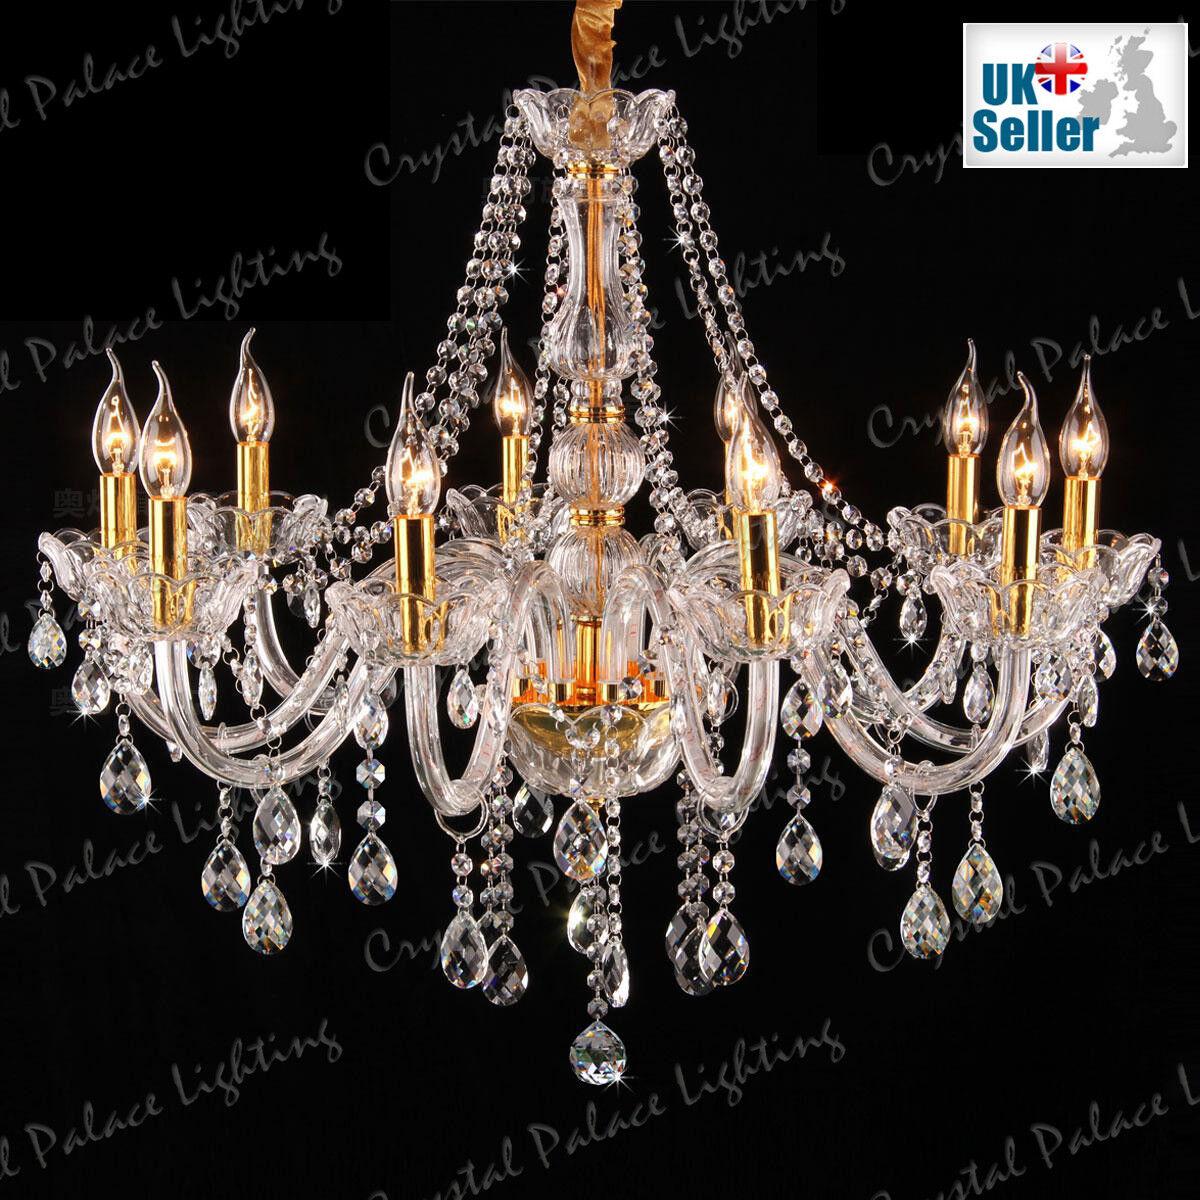 Clair Doré K9 Cristal Lustre 6, 6, 6, 8, 10 Lumières Bougie bras pendentif lampe   Le Roi De La Quantité  b70428